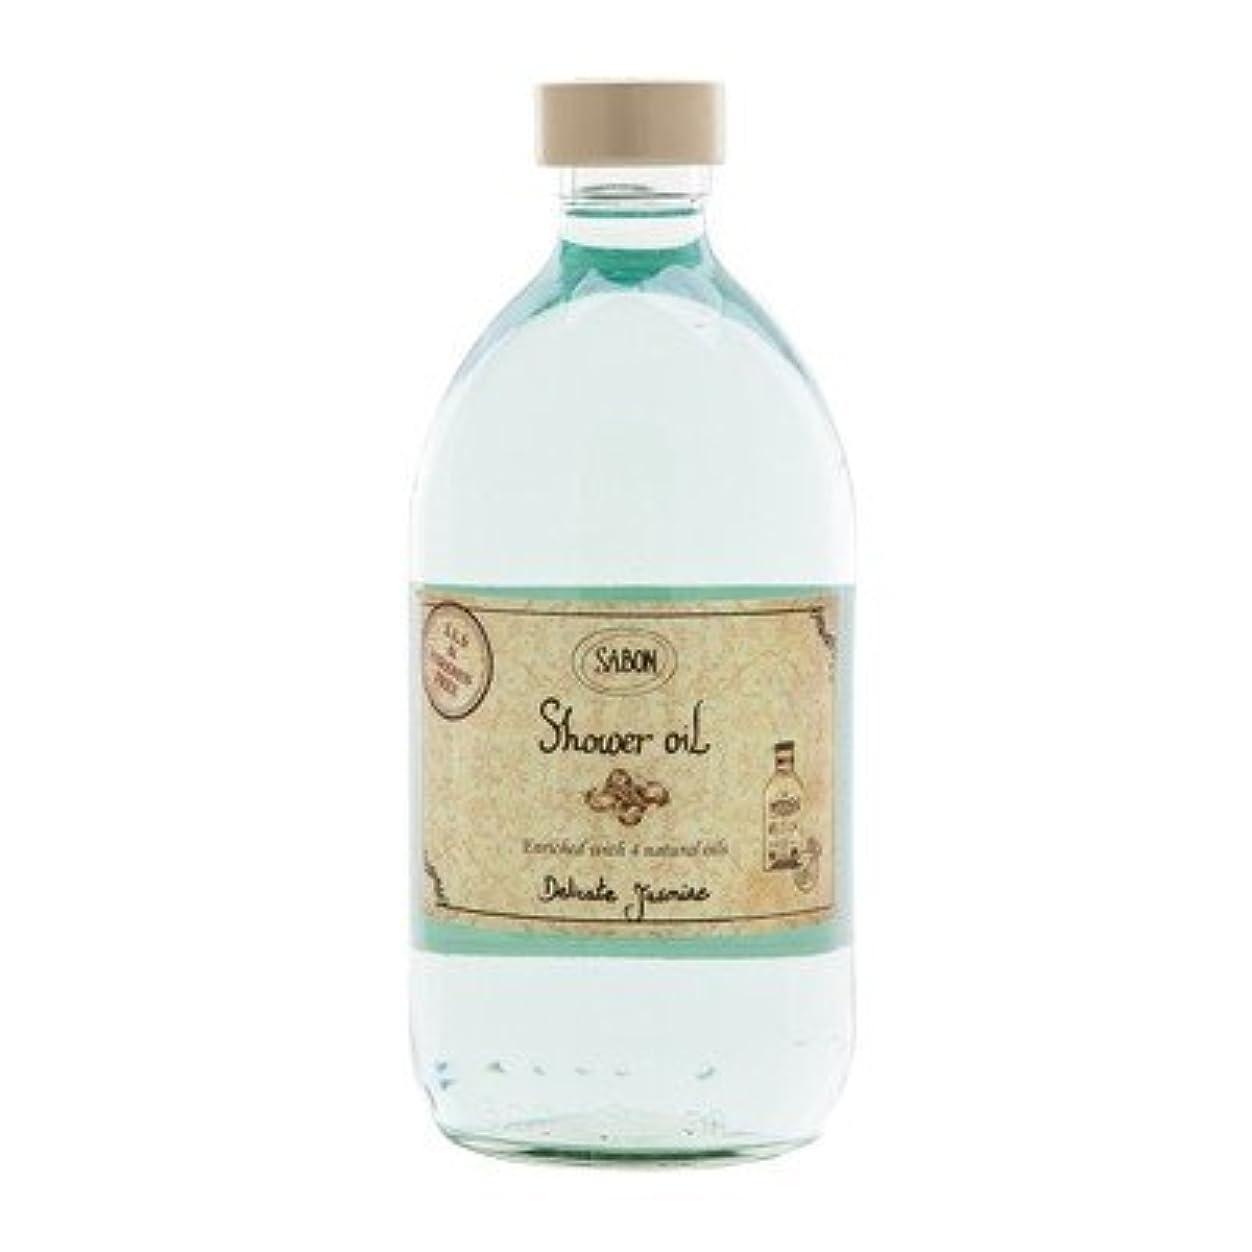 塩辛い非アクティブマンモスサボン シャワーオイル デリケートジャスミン 500ml ポンプ付き [並行輸入品]